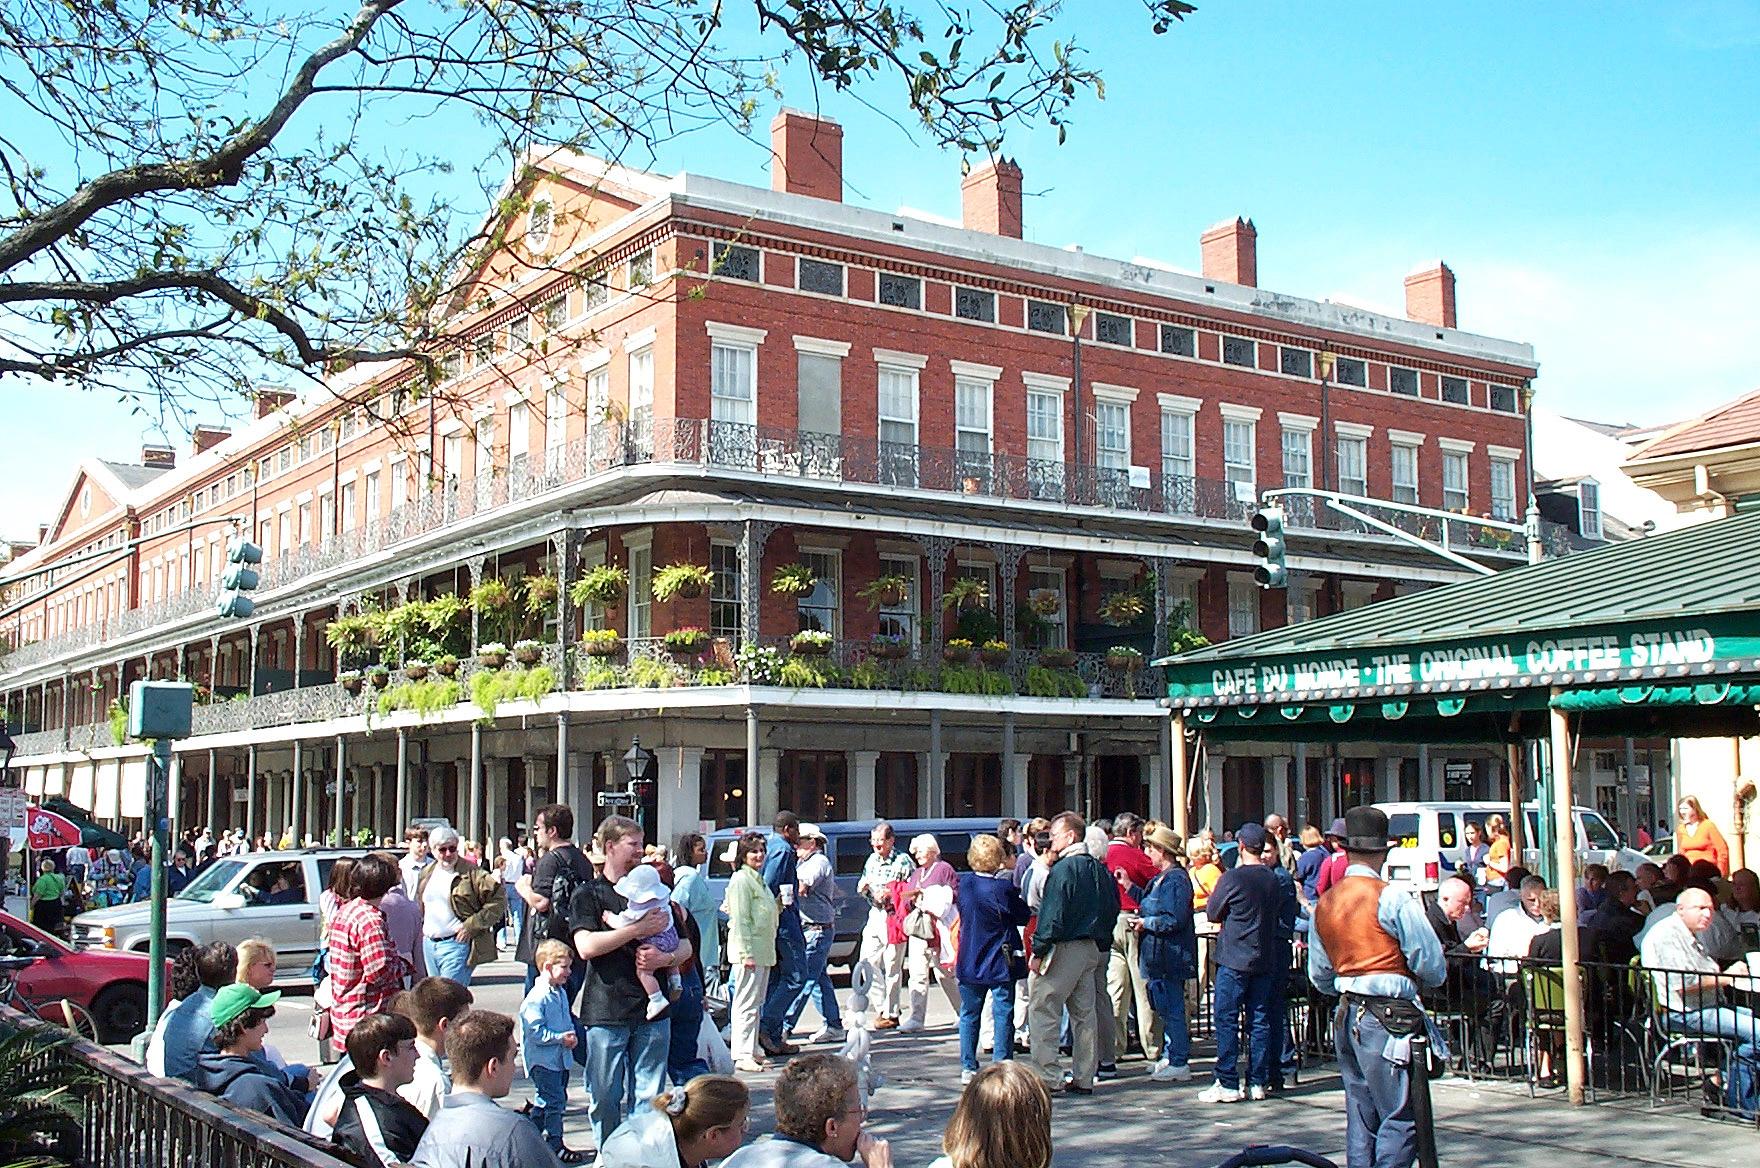 Café du Monde, em Nova Orleans, Estados Unidos